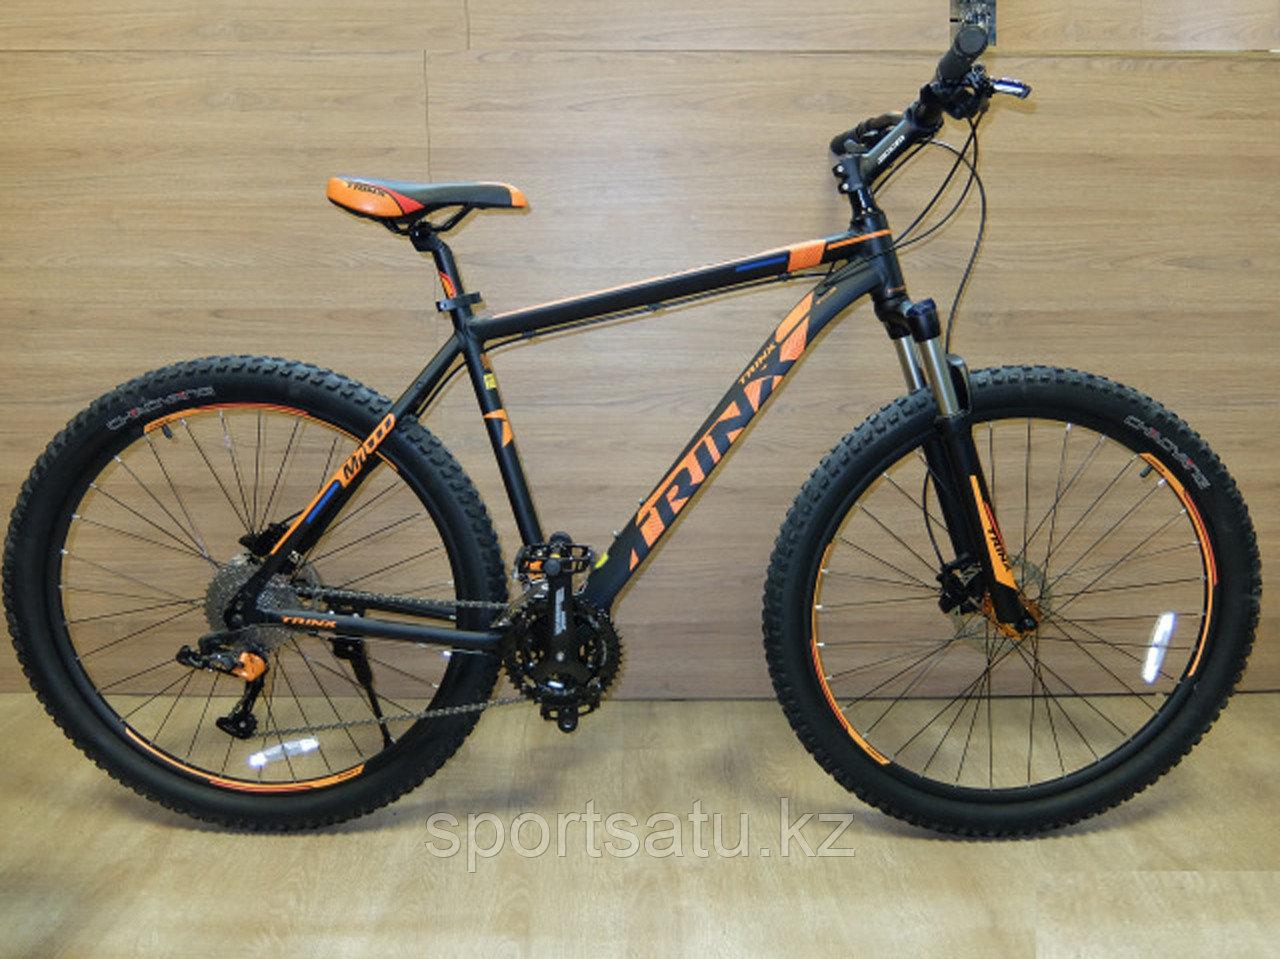 Велосипед Trinx М1000 PRO